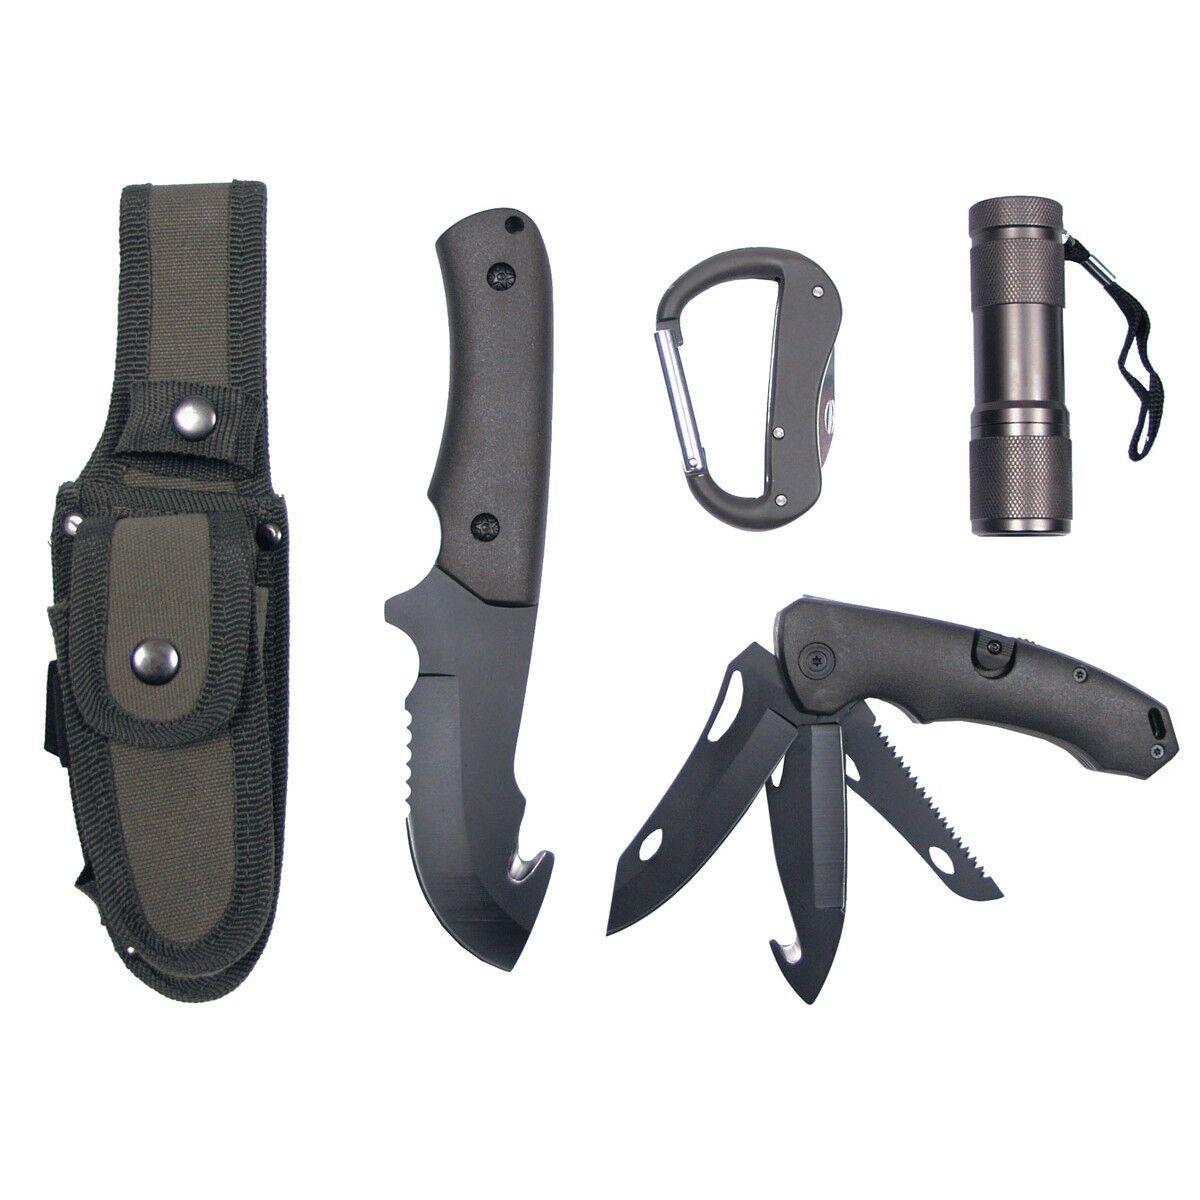 MFH Messerset, mit mit mit LED und Nylon-Scheide, oliv 6a353d